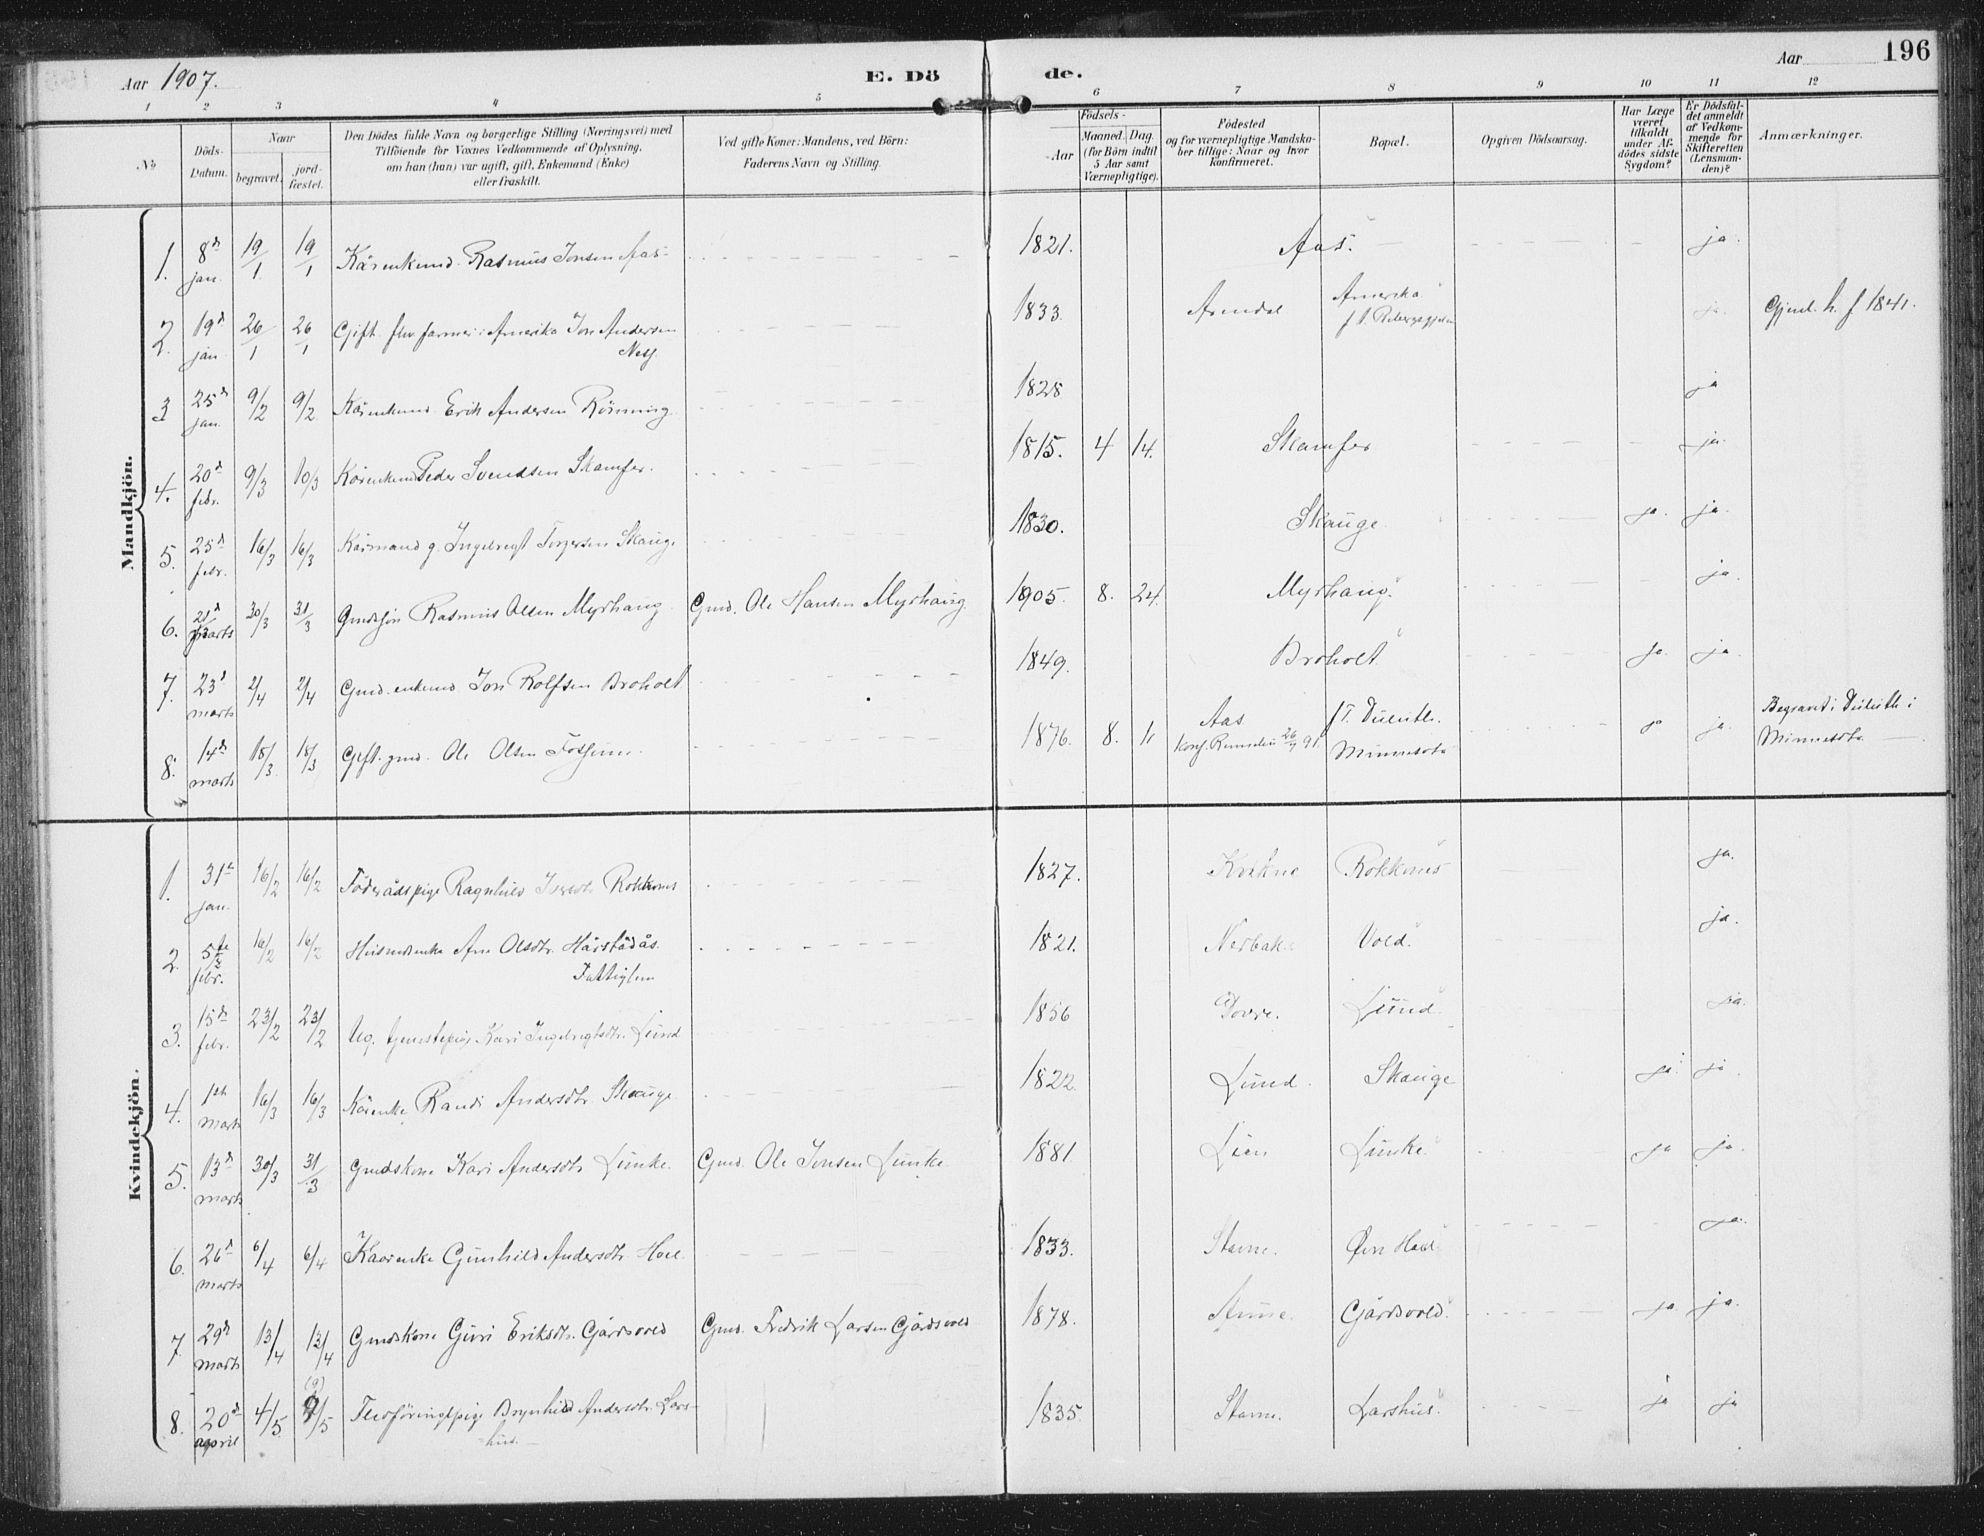 SAT, Ministerialprotokoller, klokkerbøker og fødselsregistre - Sør-Trøndelag, 674/L0872: Ministerialbok nr. 674A04, 1897-1907, s. 196